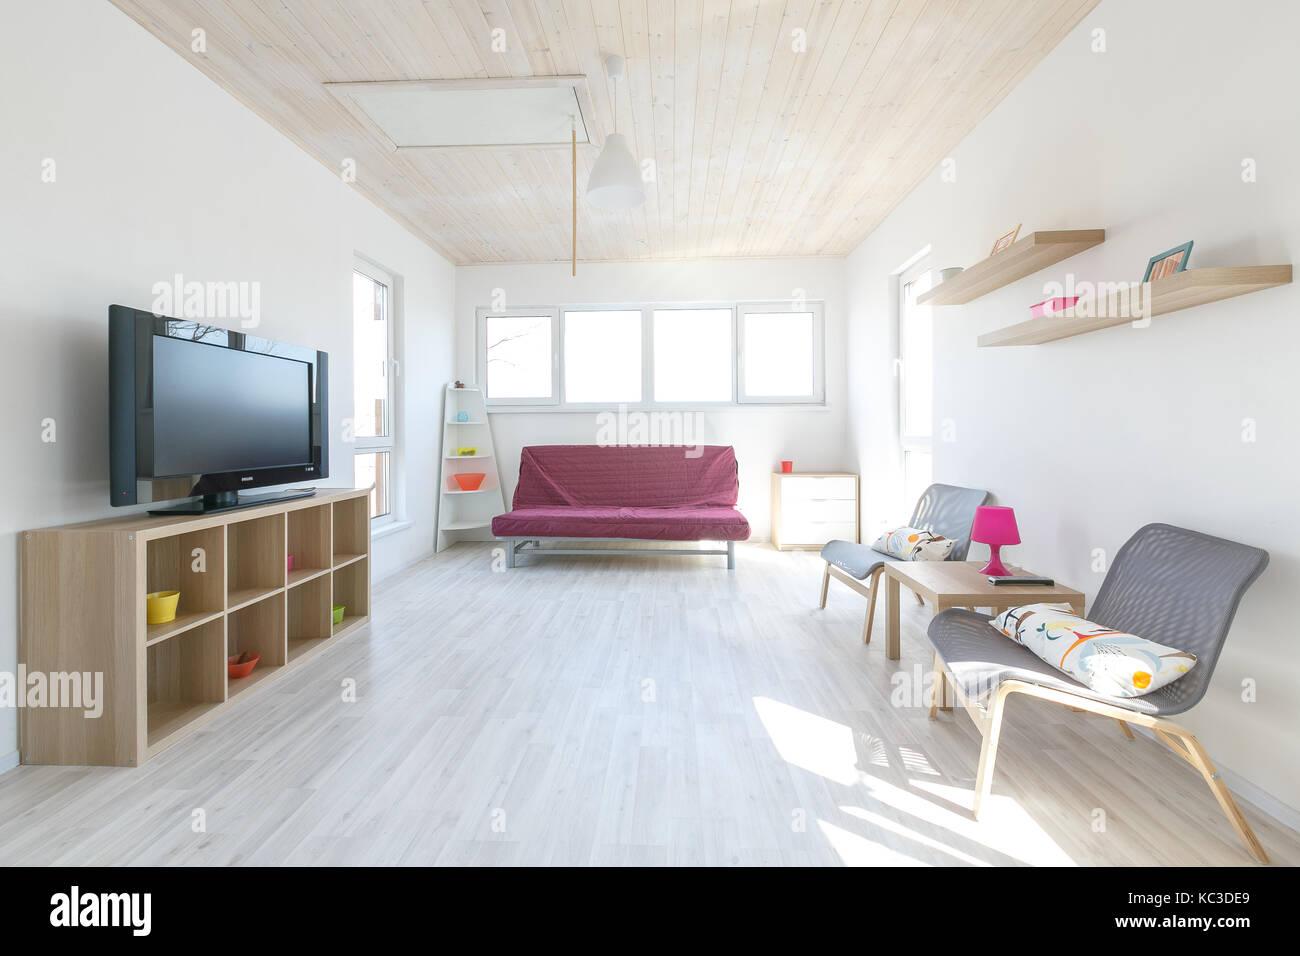 Pavimento Bianco Colore Pareti : Incredibile interni scandinavo di una casetta di legno pareti di